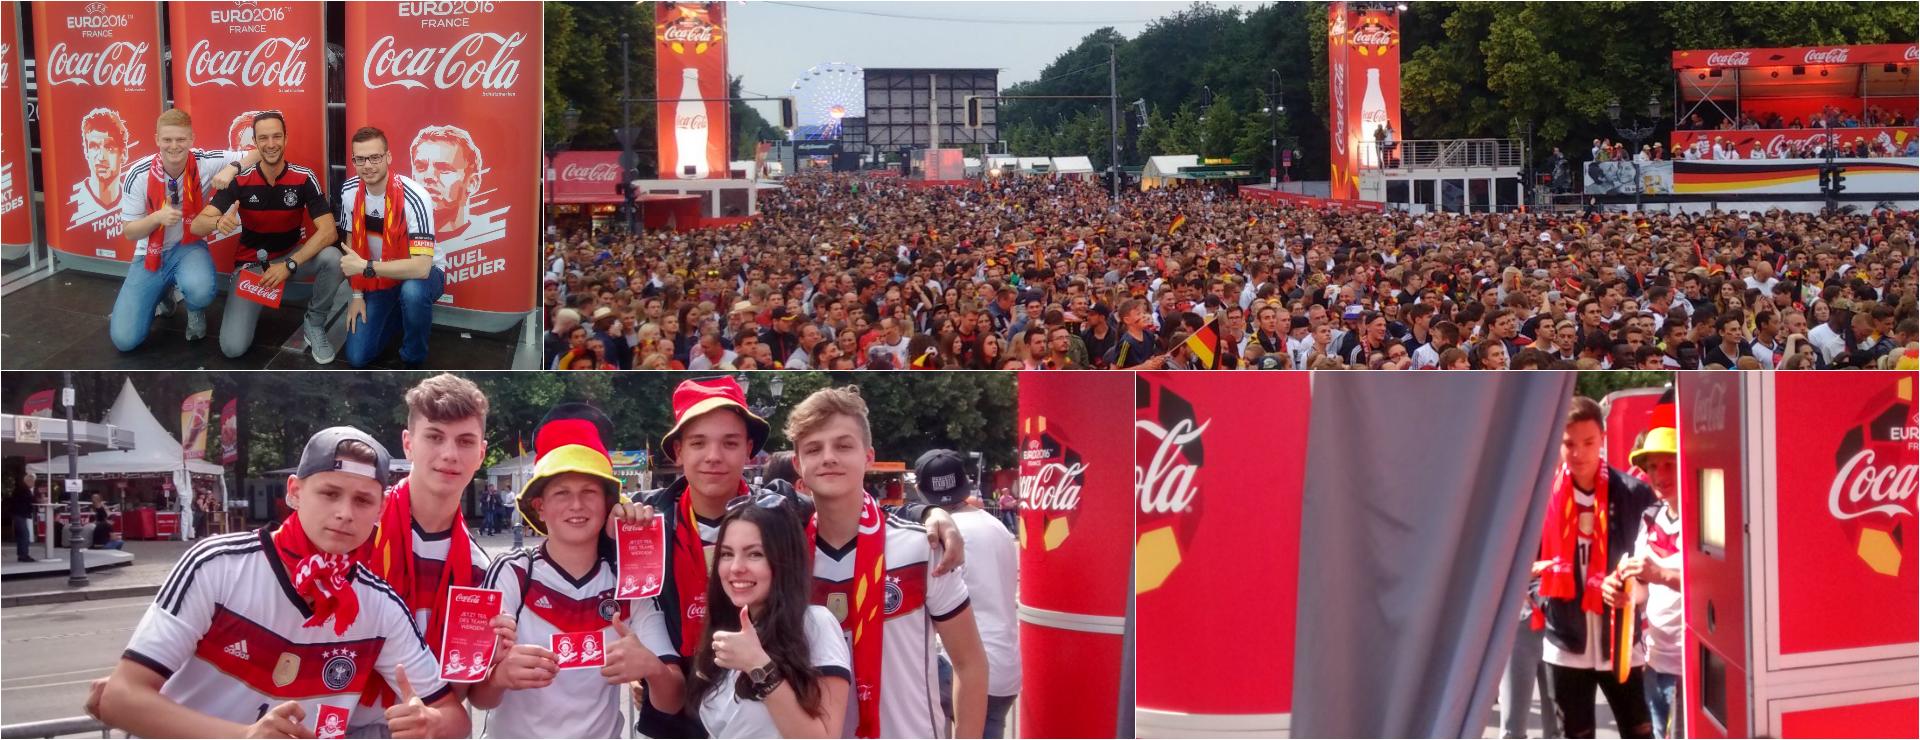 W-com organisiert für Coca-Cola die Fanmeile zur UEFA EURO 2016™ in Berlin